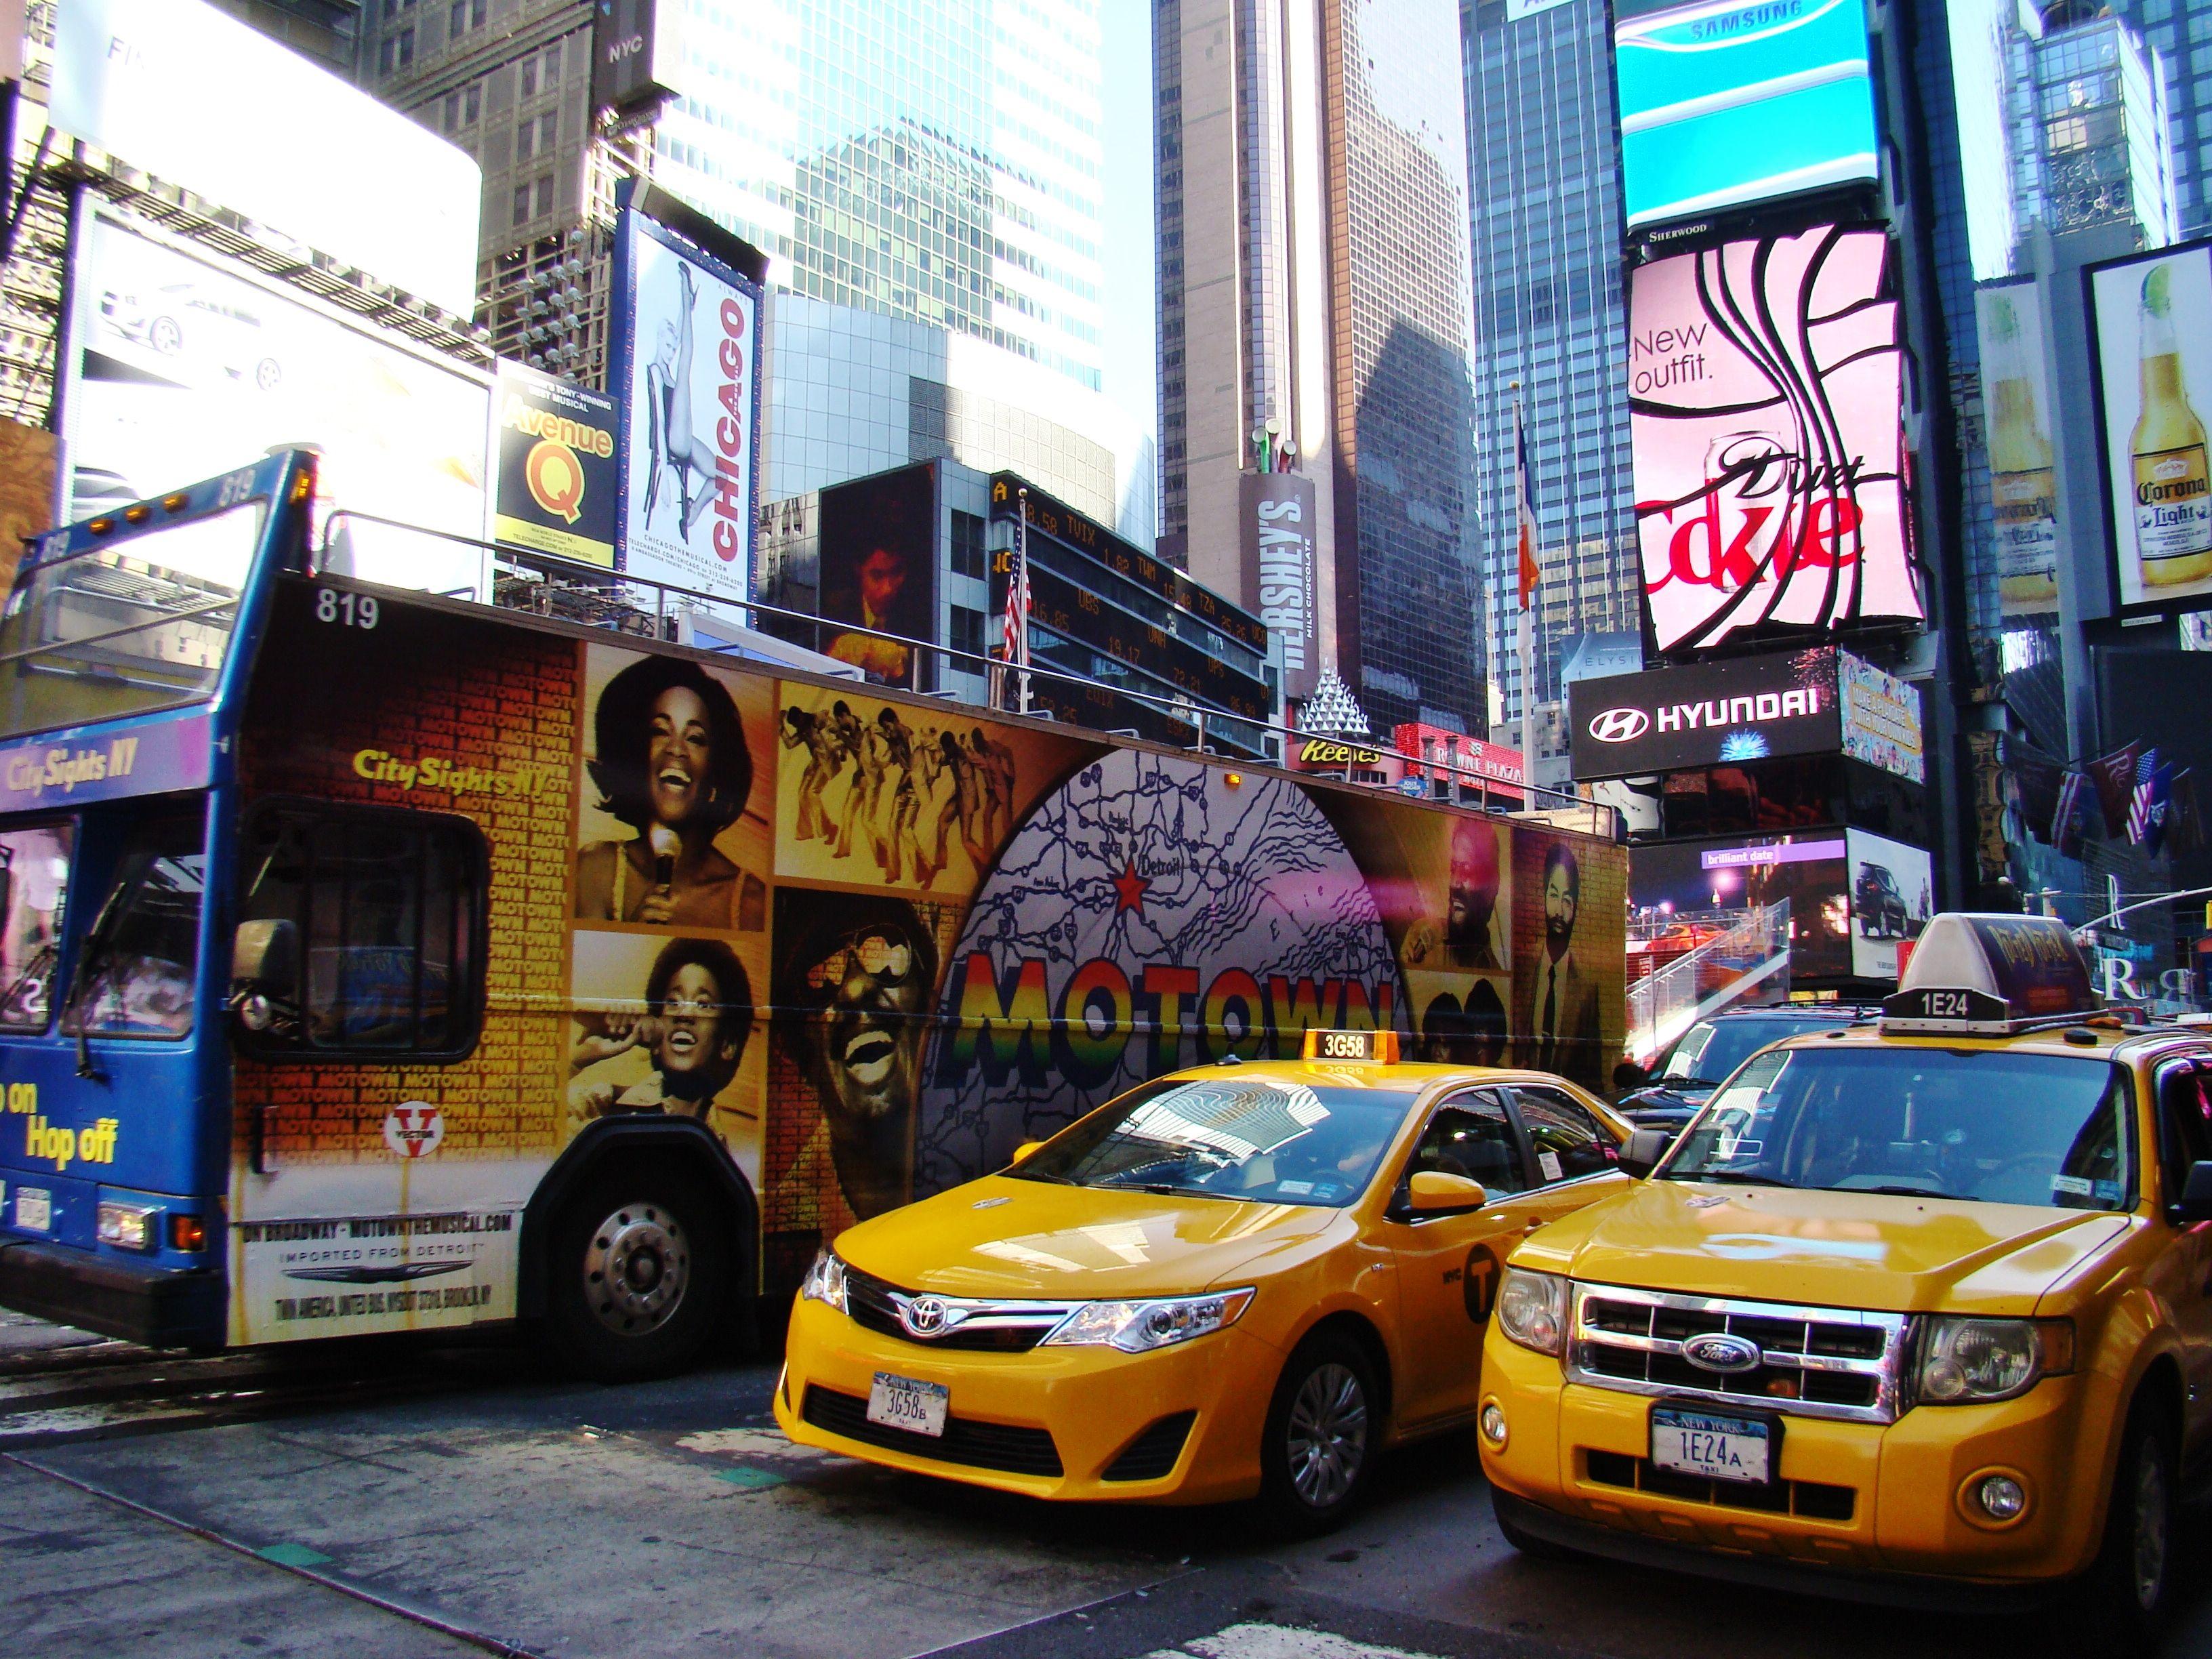 """Les légendaires taxis jaunes de New York./ The famous """"yellow Cabs"""" in Times Square! Crédit Photo: N.Beaulieu."""